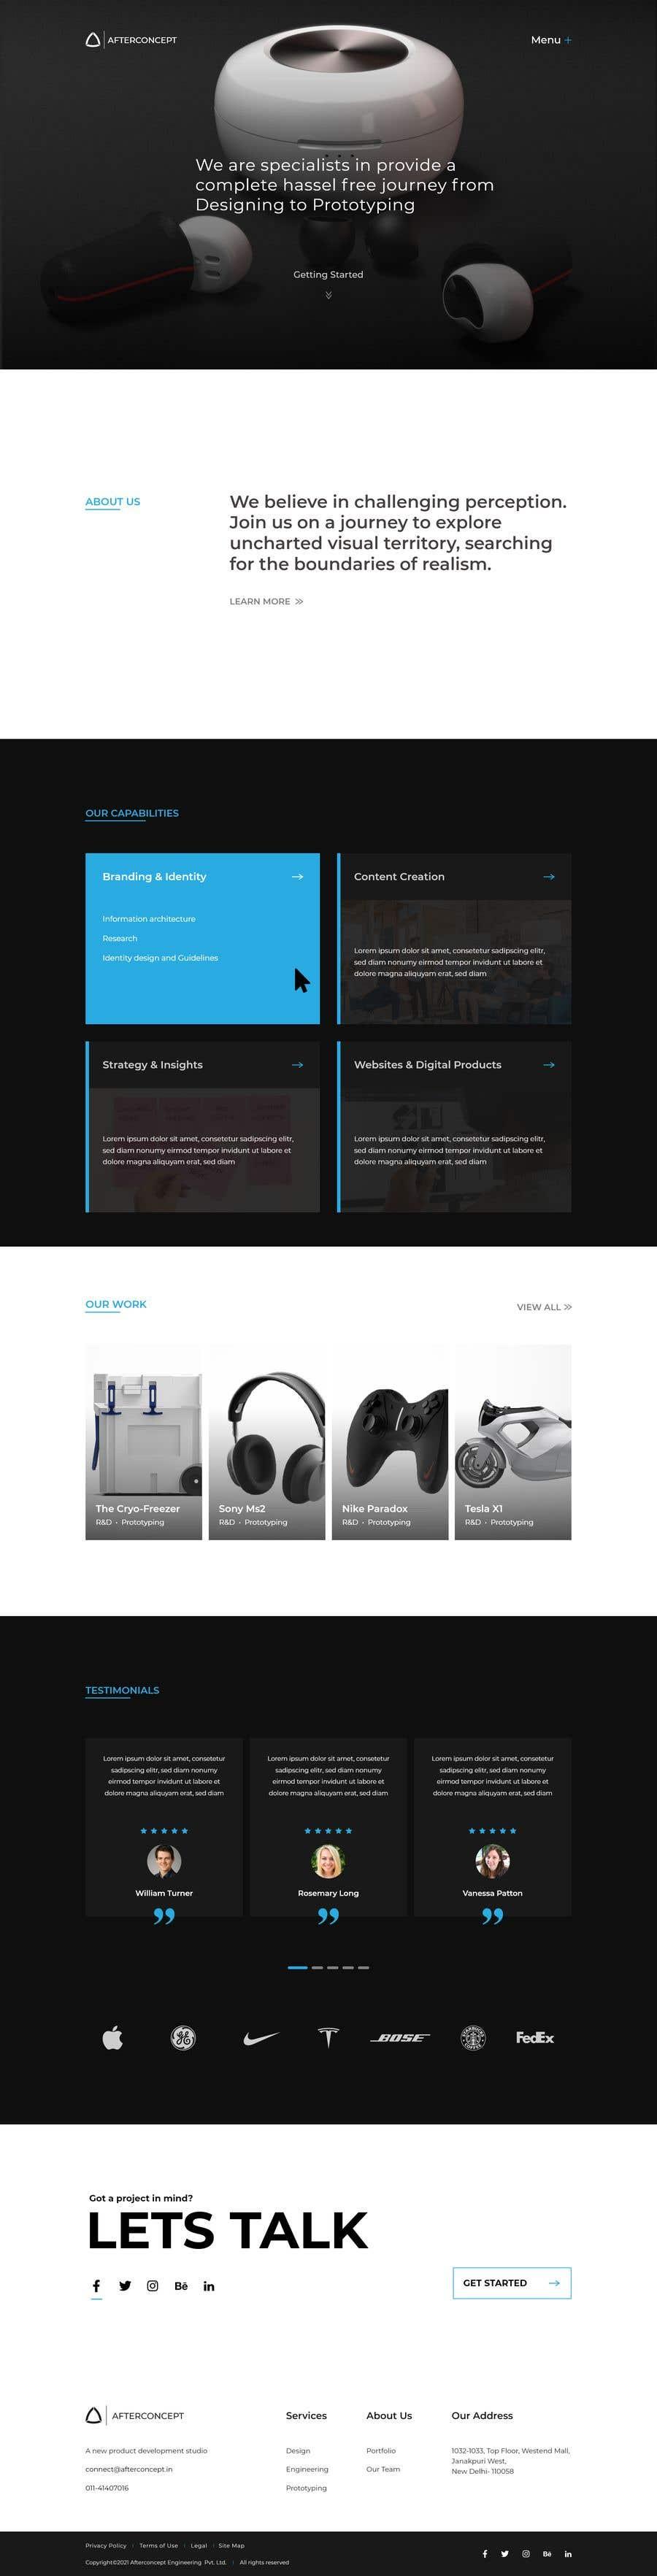 Konkurrenceindlæg #                                        24                                      for                                         Improve UI/UX design for the website